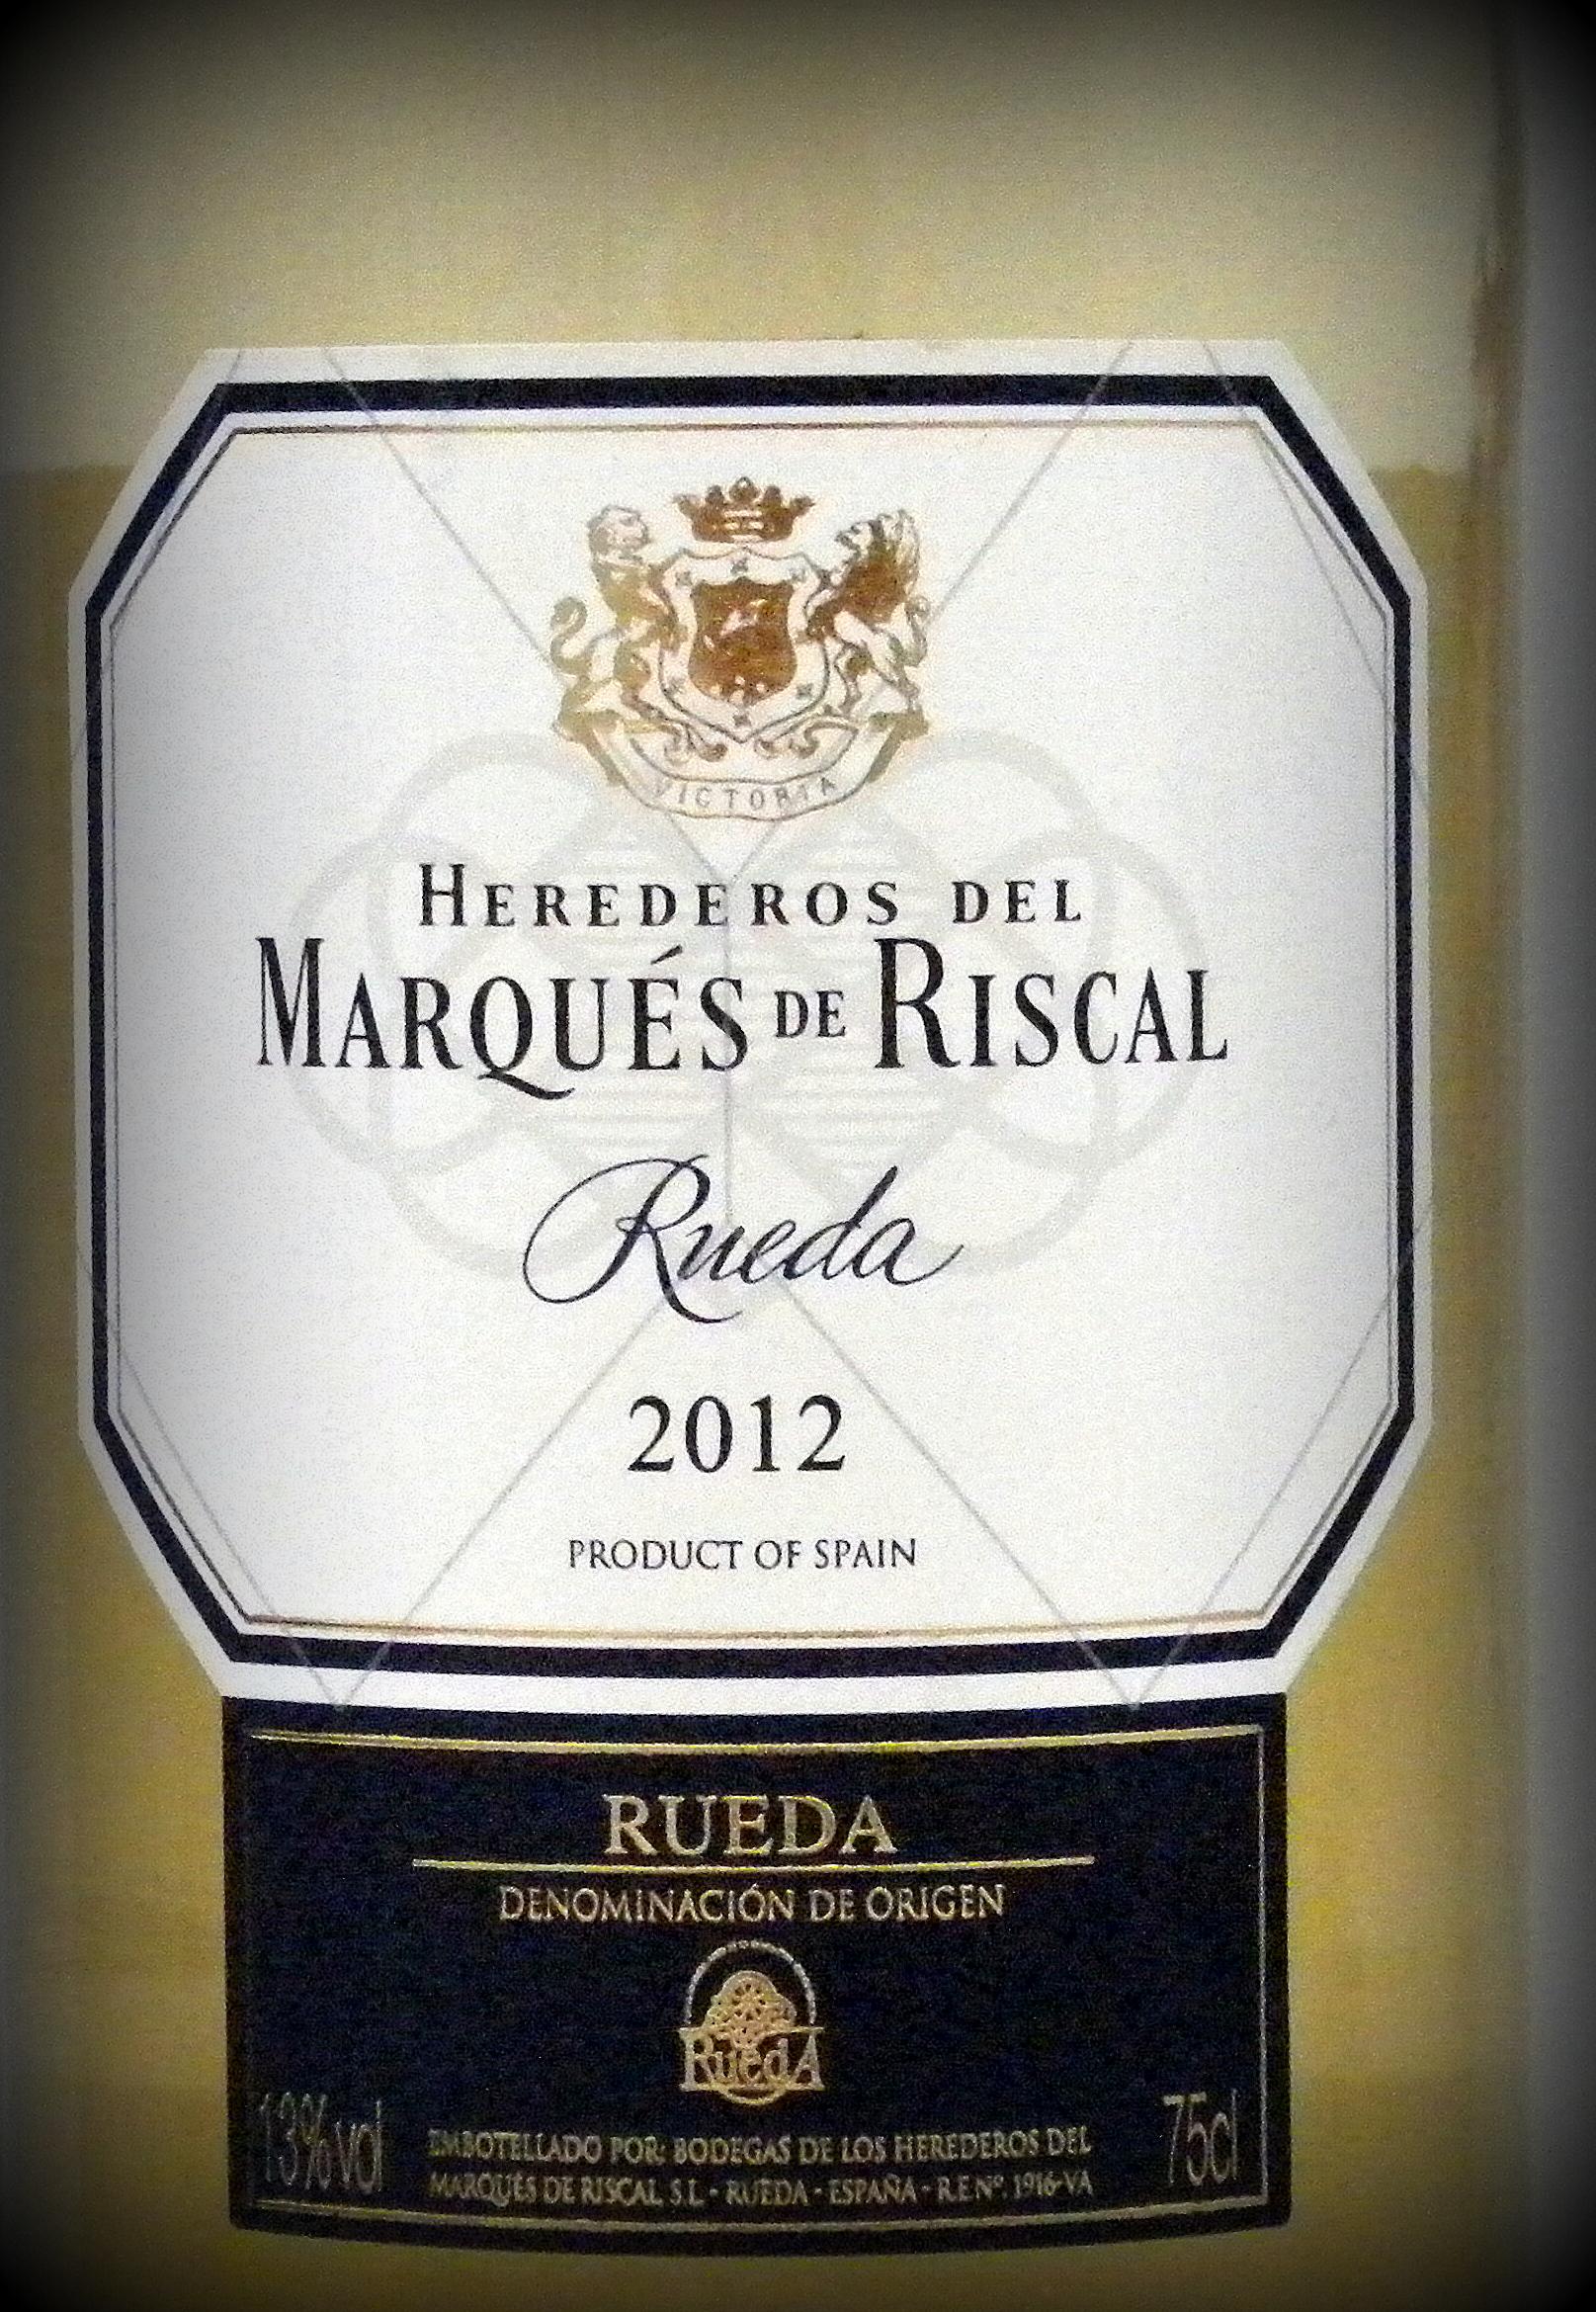 Herdederos del Marqués de Riscal, Rueda